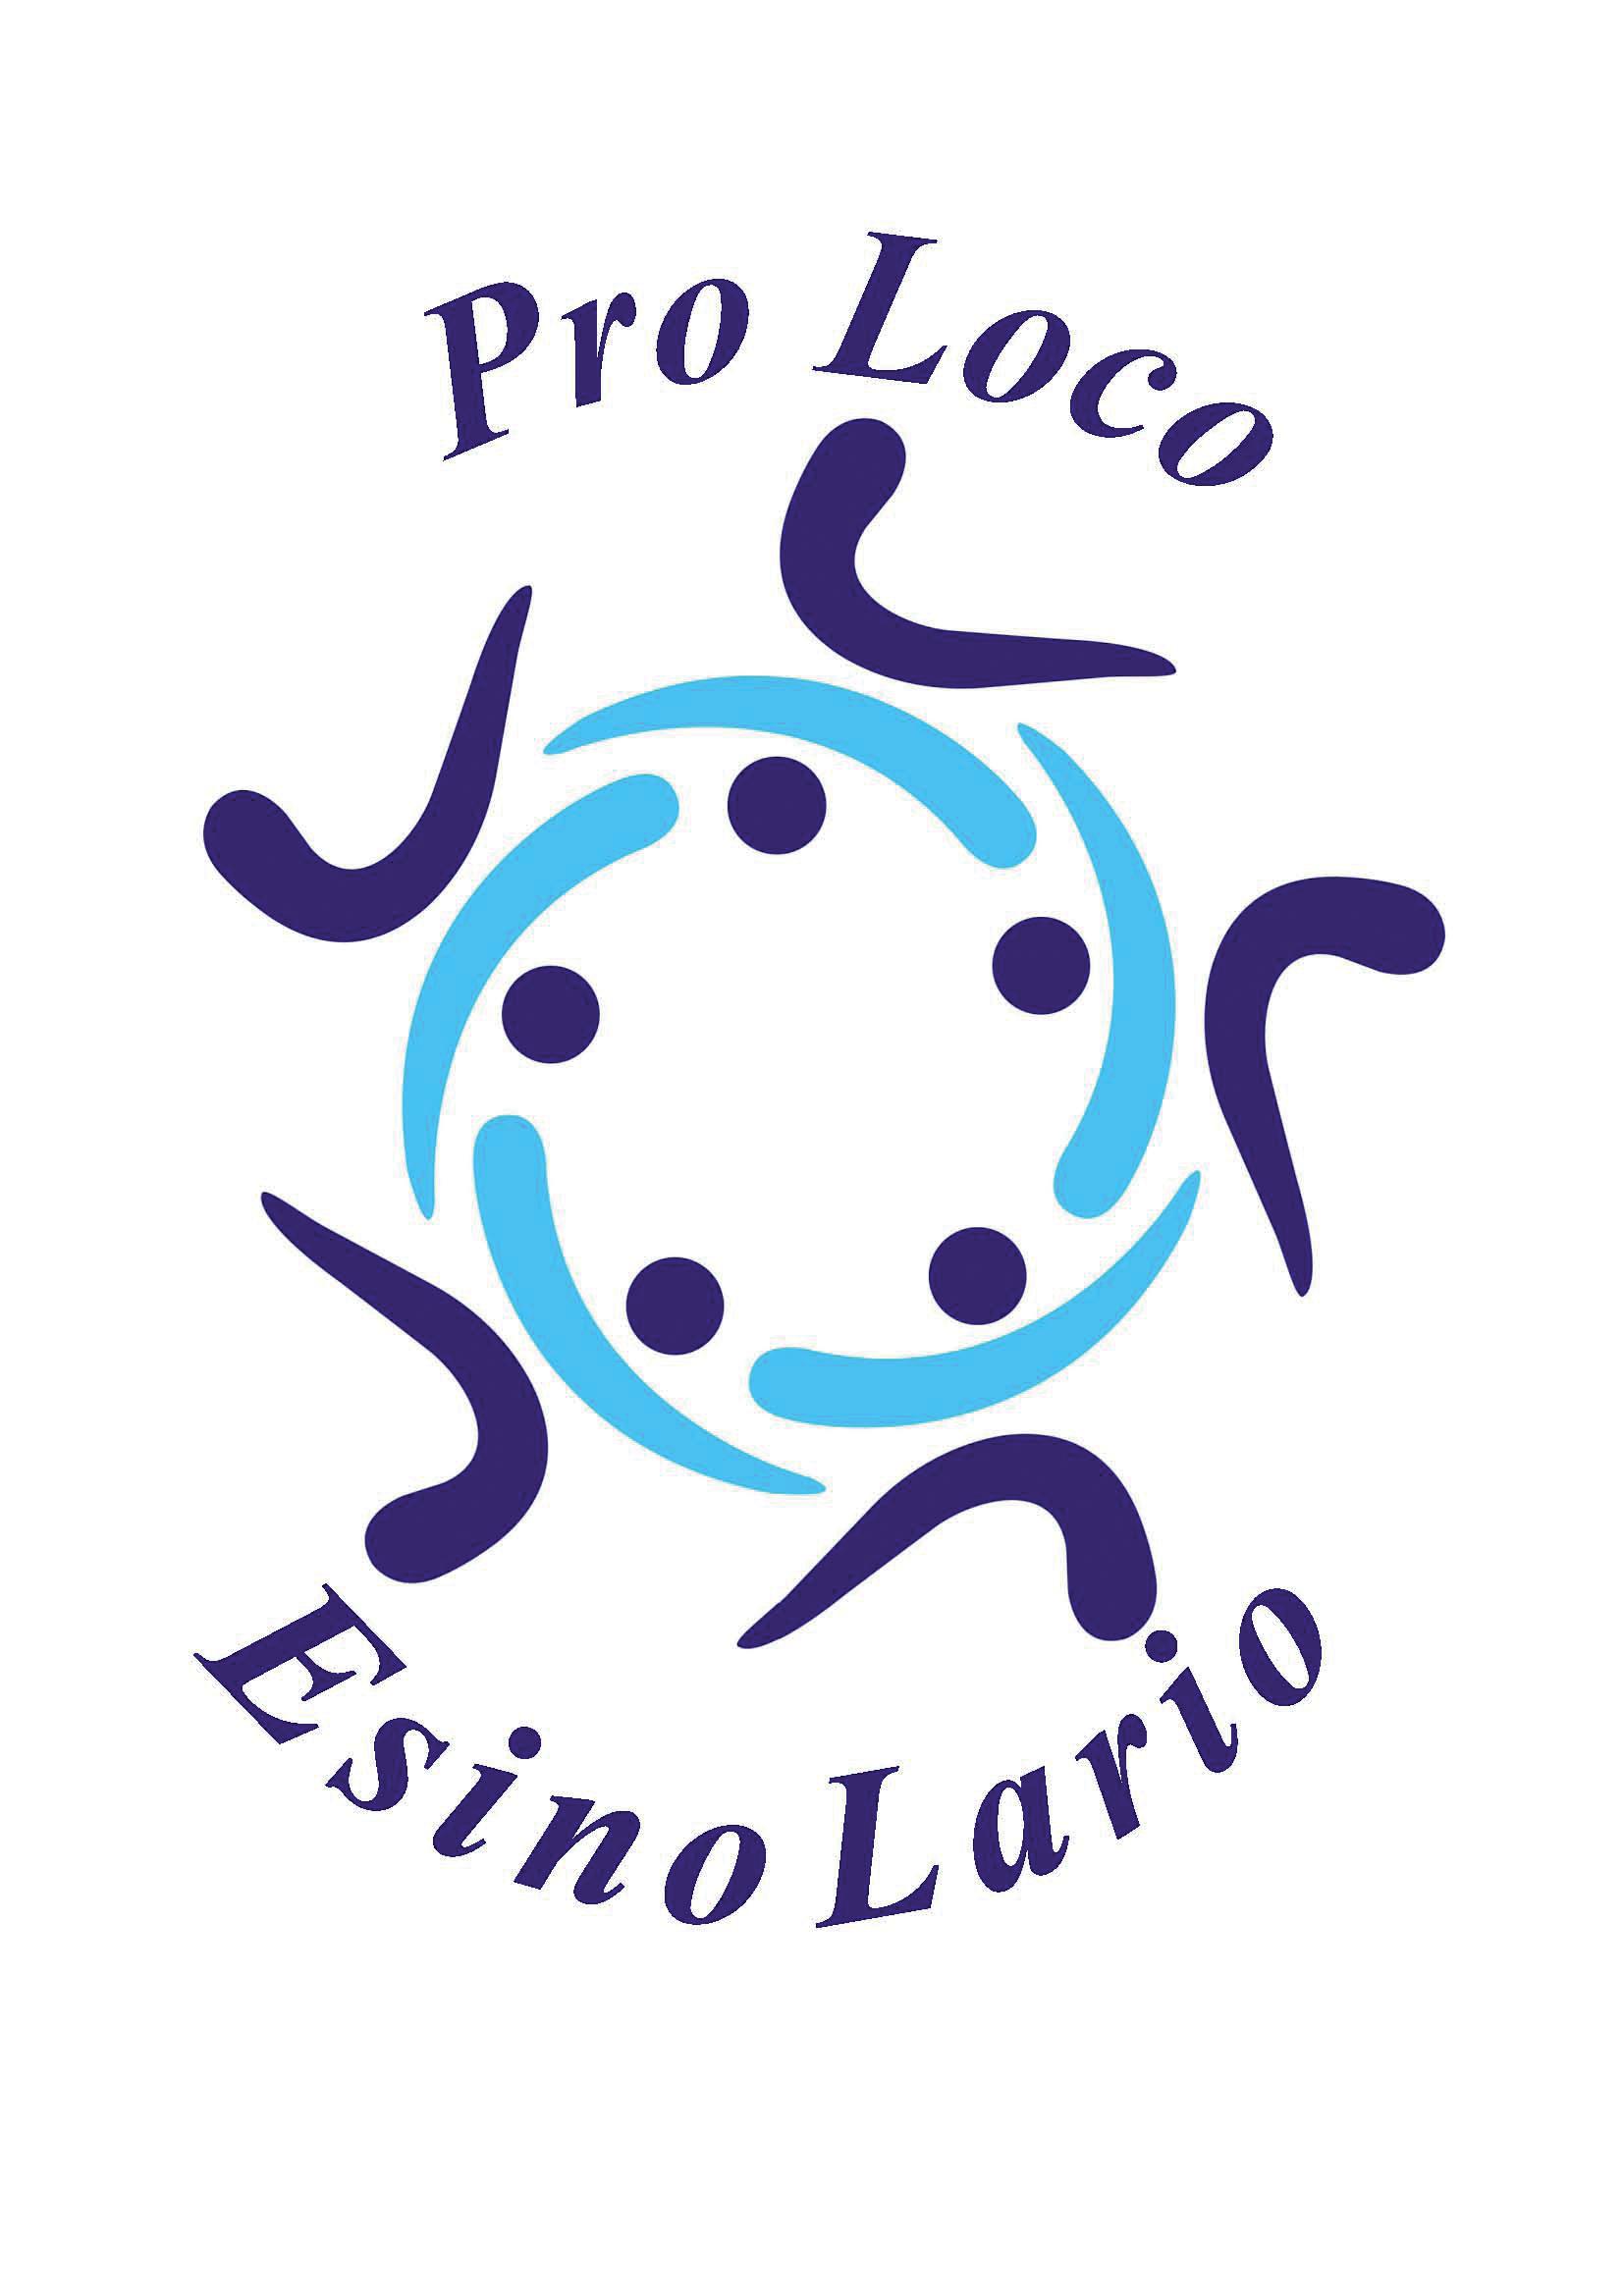 Commedia Teatrale a Esino Lario